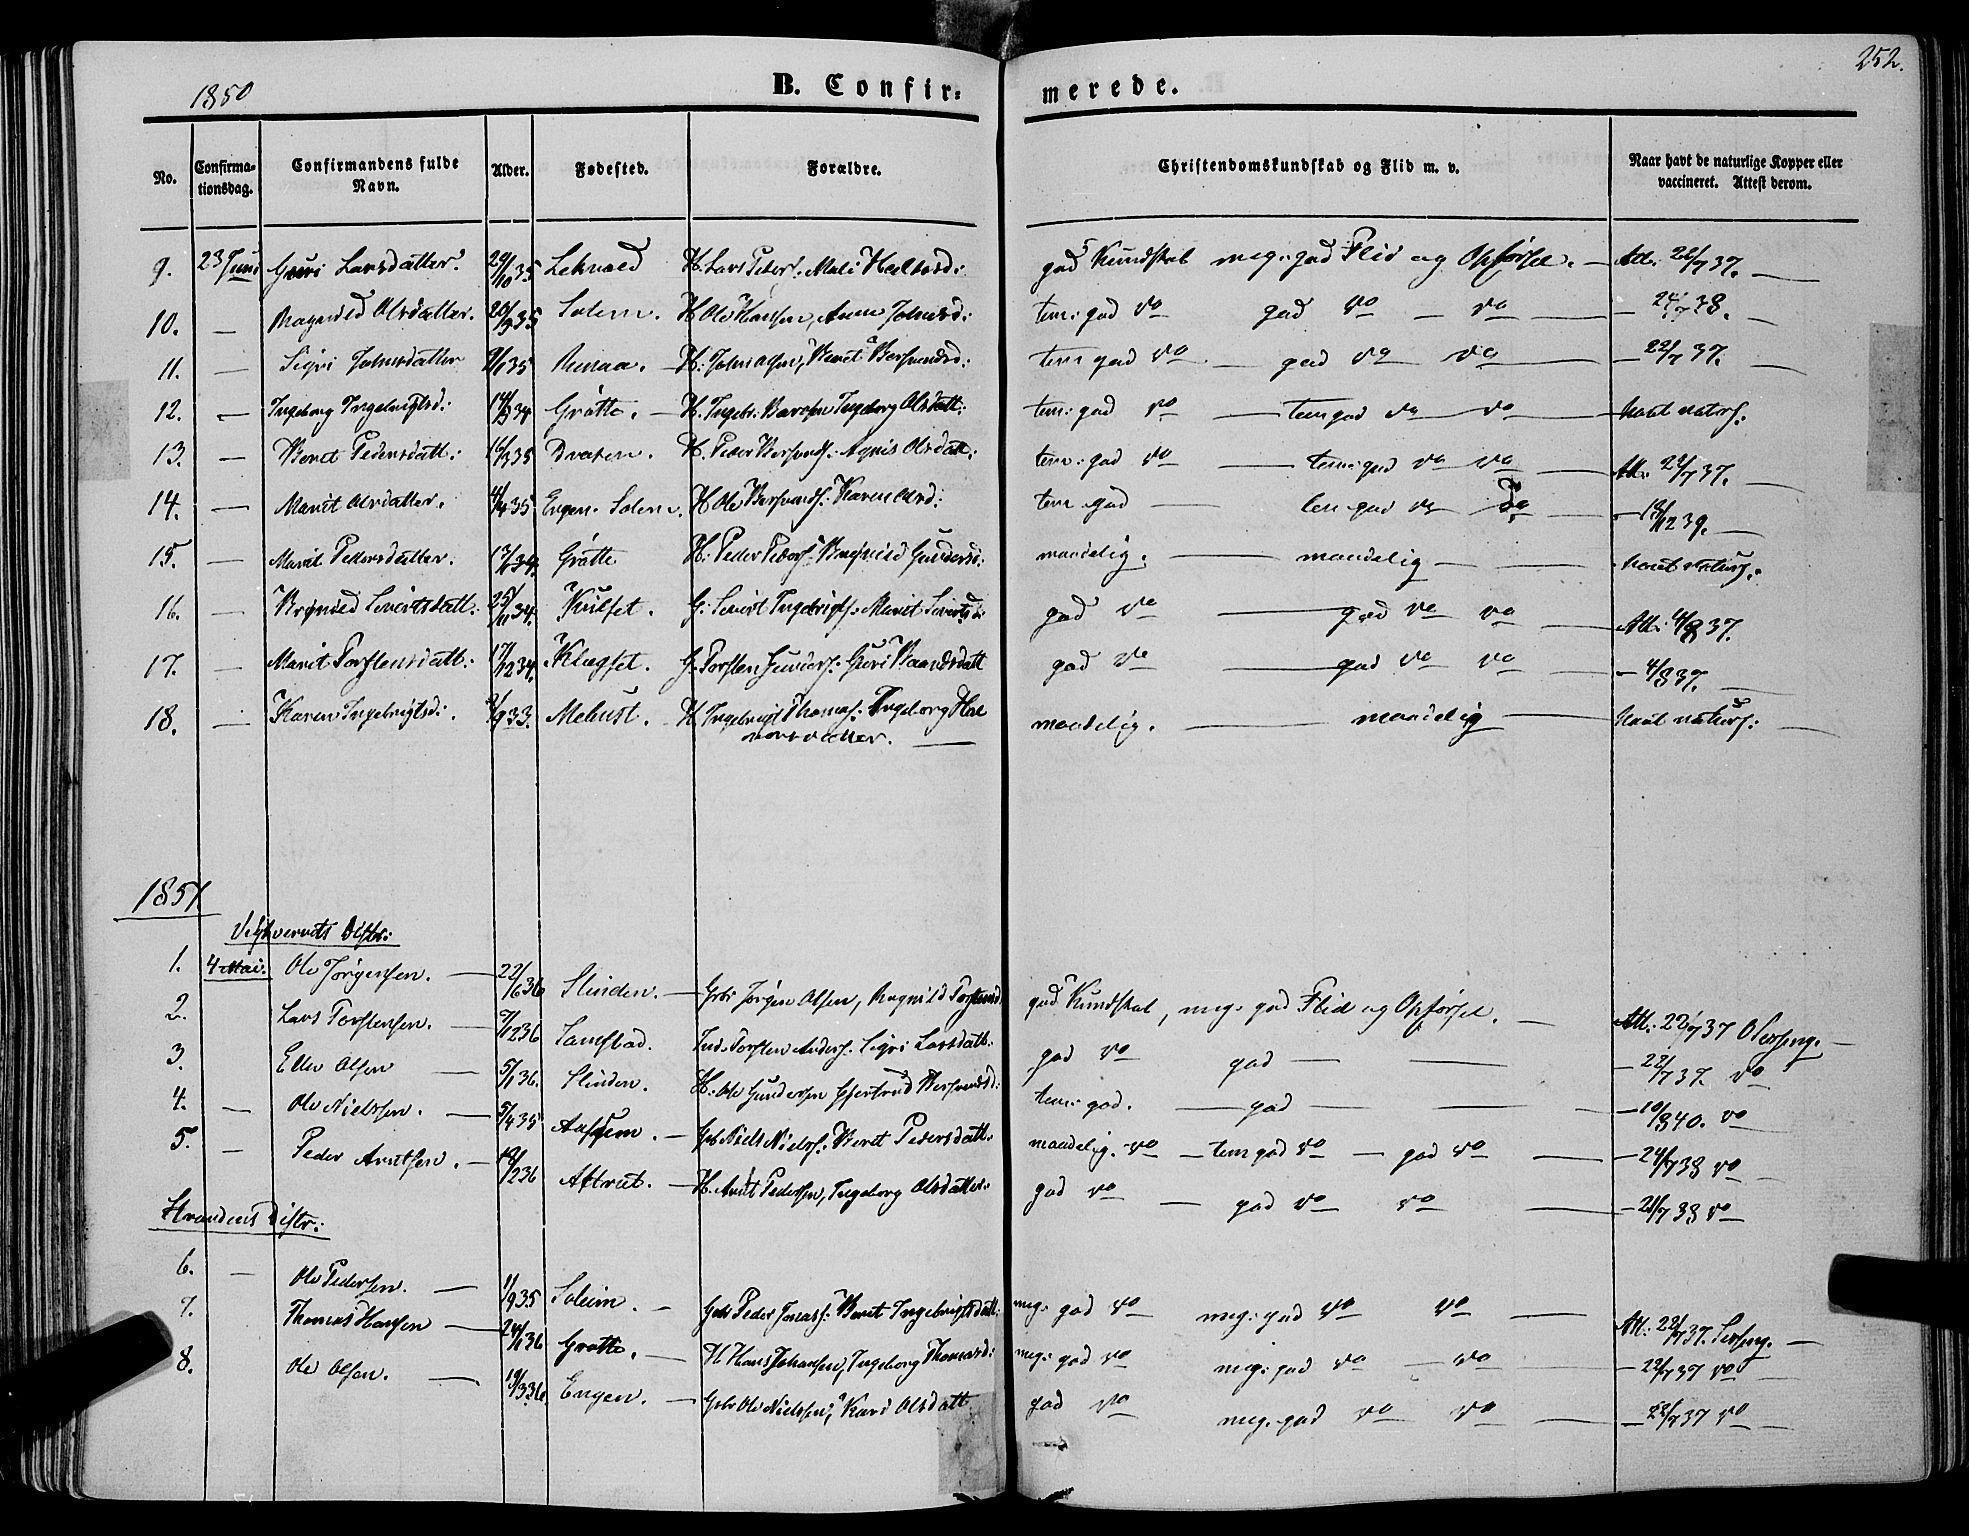 SAT, Ministerialprotokoller, klokkerbøker og fødselsregistre - Sør-Trøndelag, 695/L1145: Ministerialbok nr. 695A06 /1, 1843-1859, s. 252